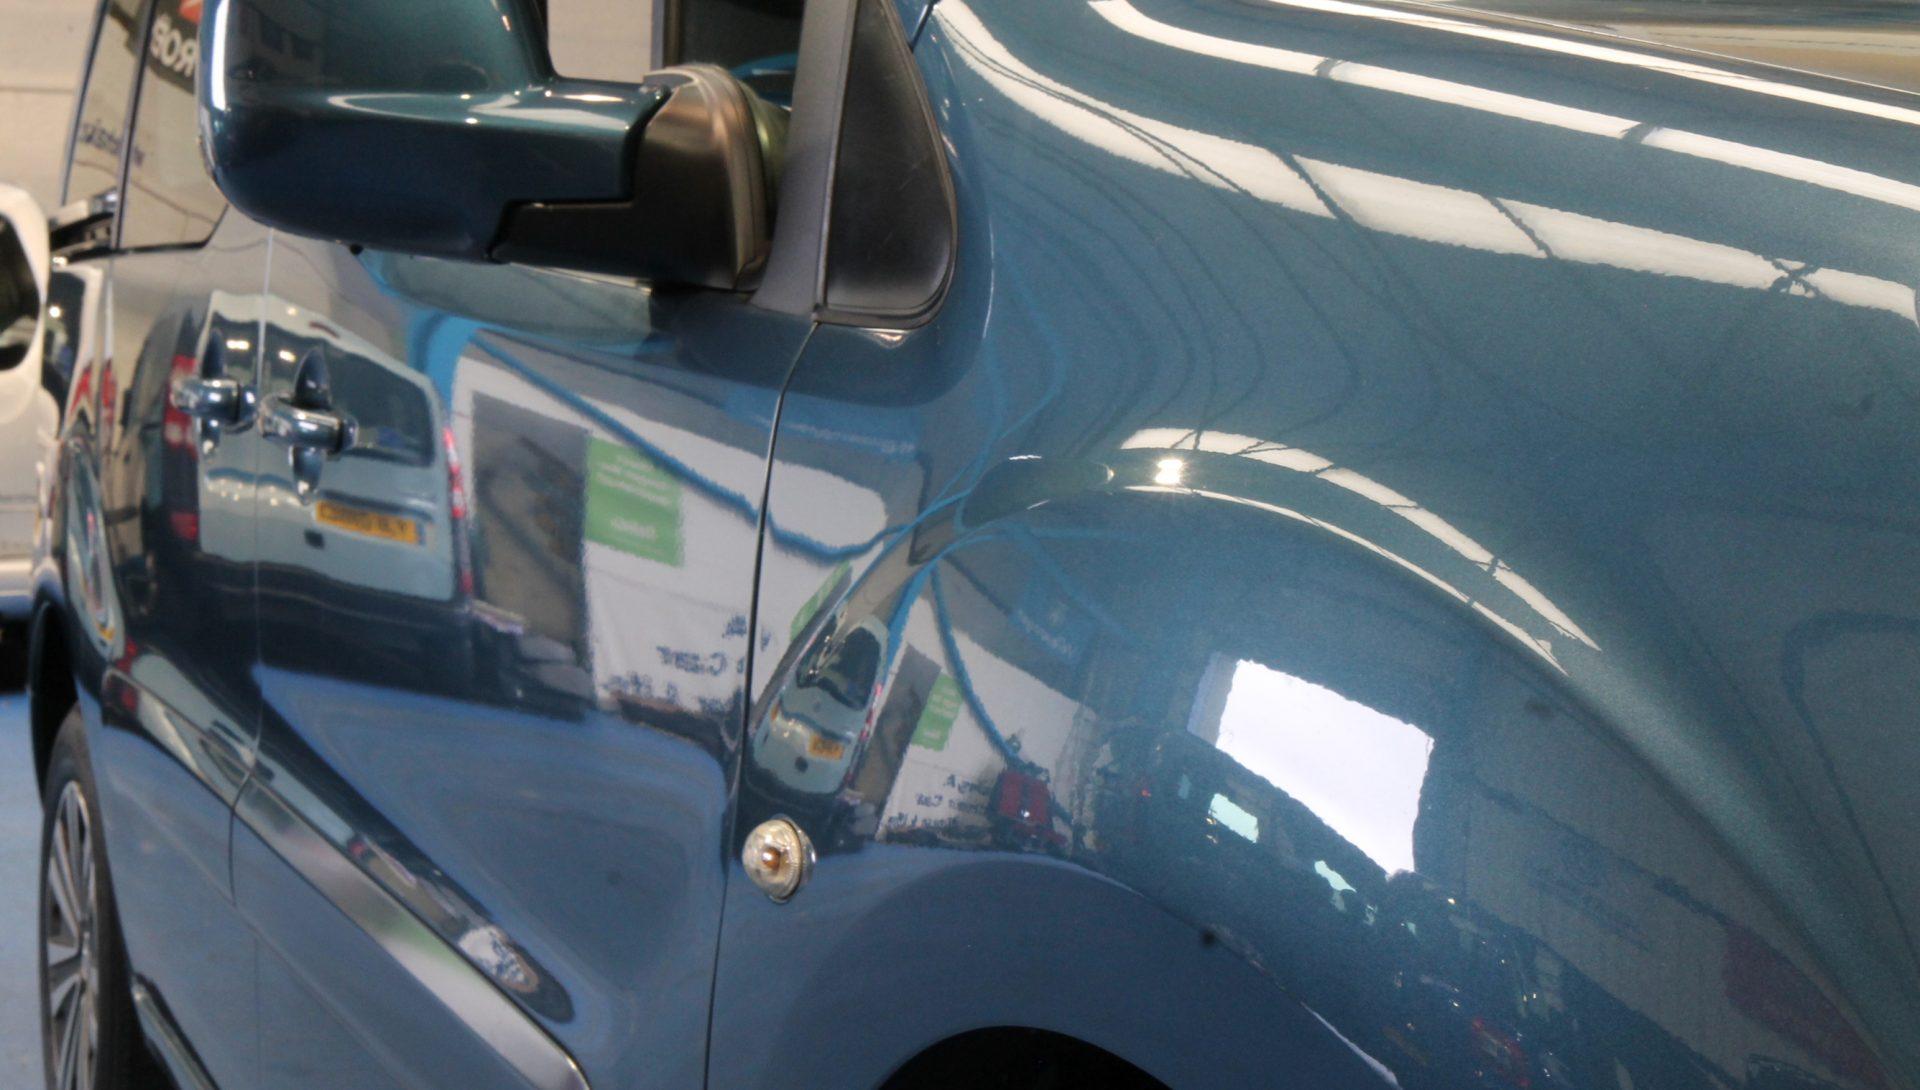 Partner wheelchair vehicle sf14 aon